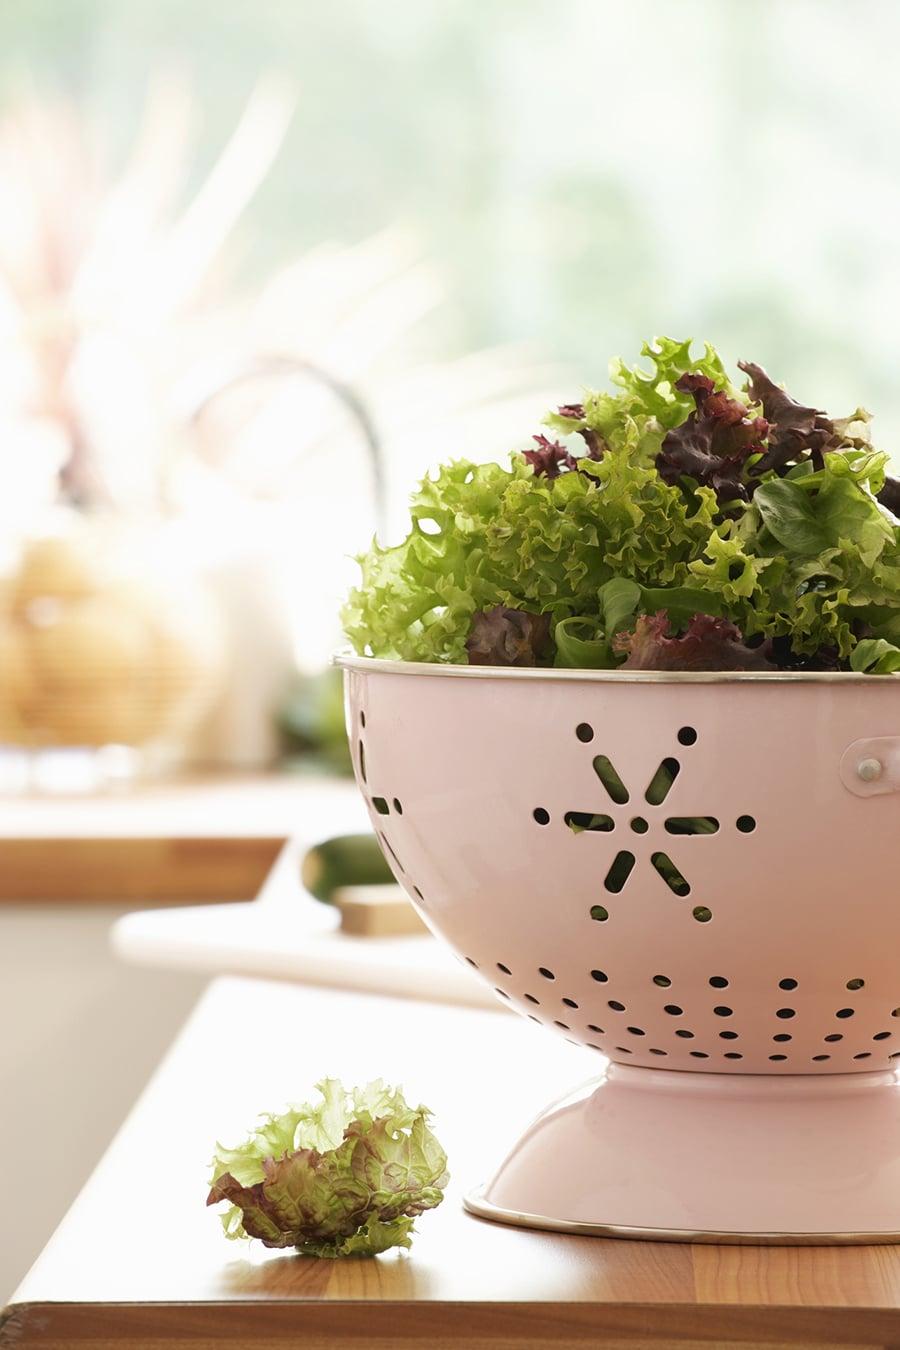 Comment conserver la salade fraîche dans le réfrigérateur?